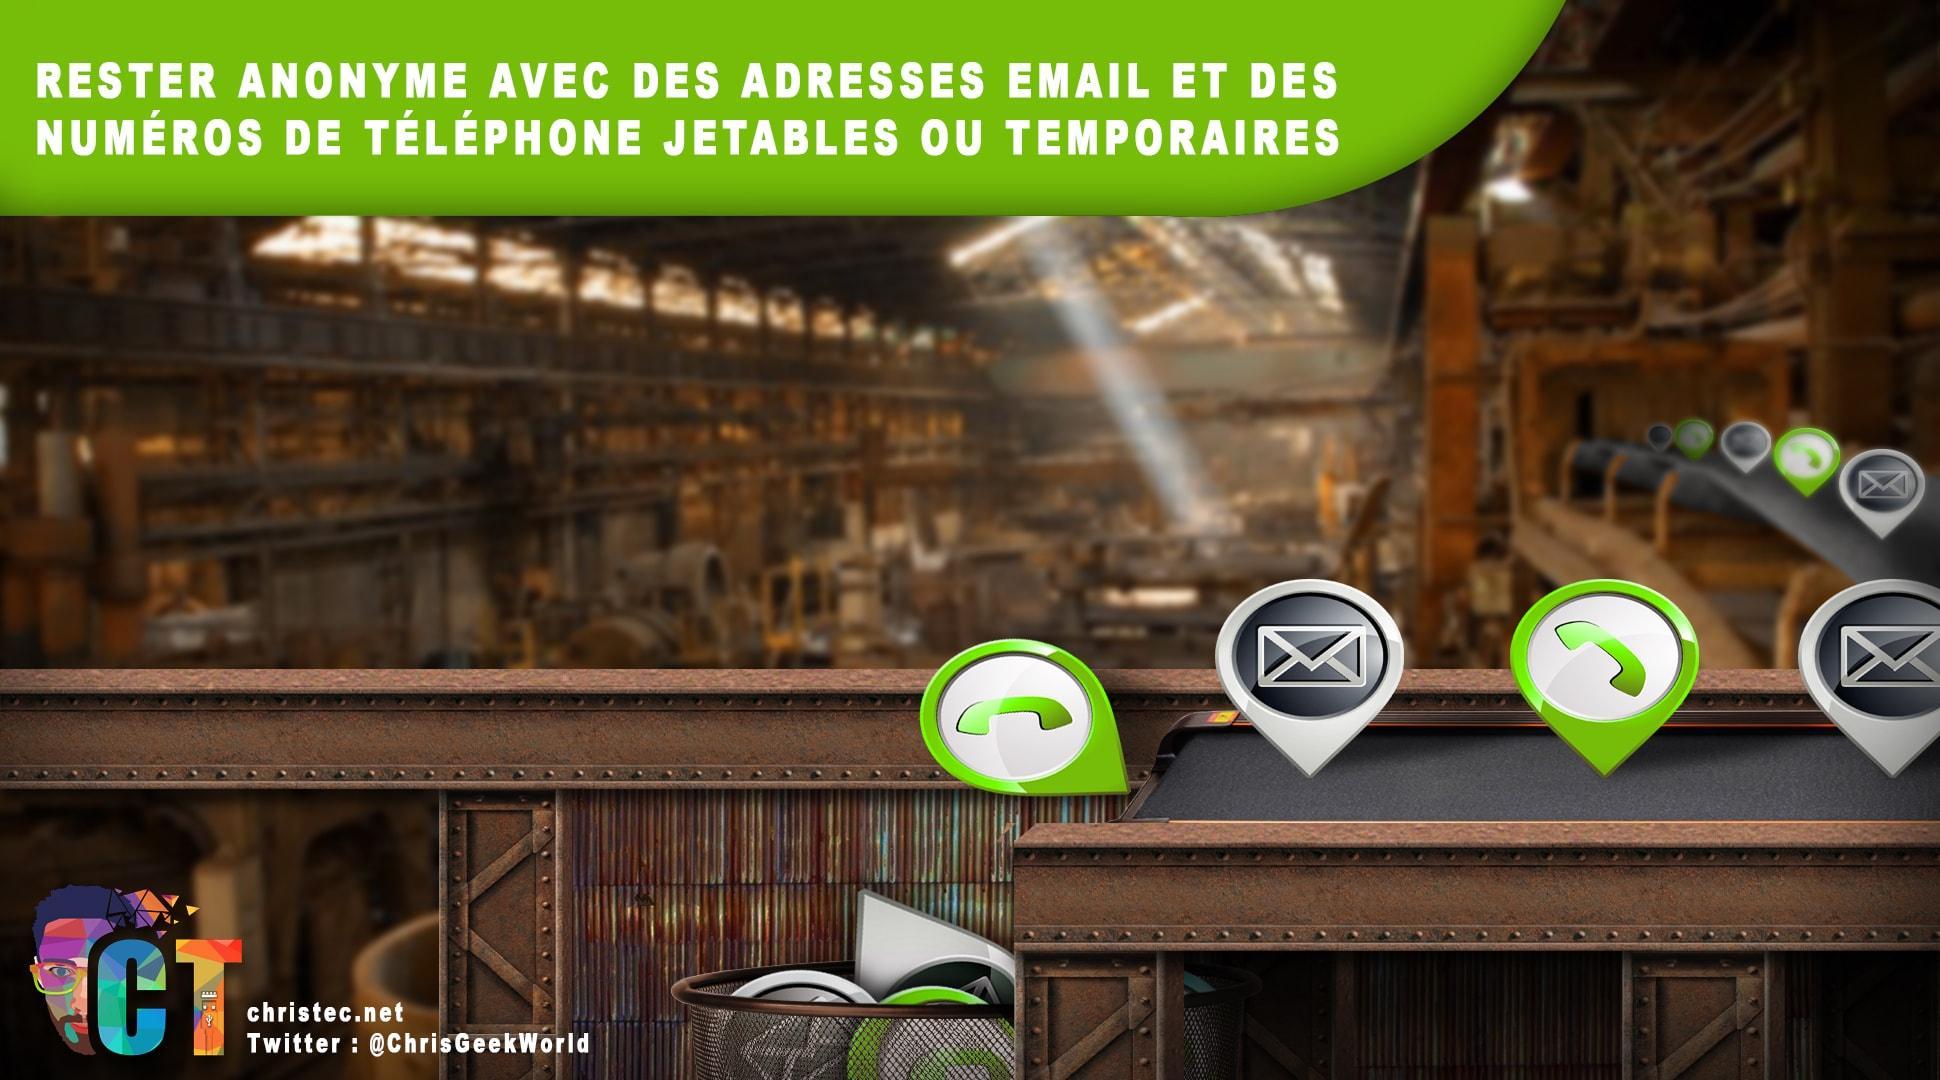 a35a9e793 Rester anonyme avec des n° de tél et des e-mail jetables ou temporaires